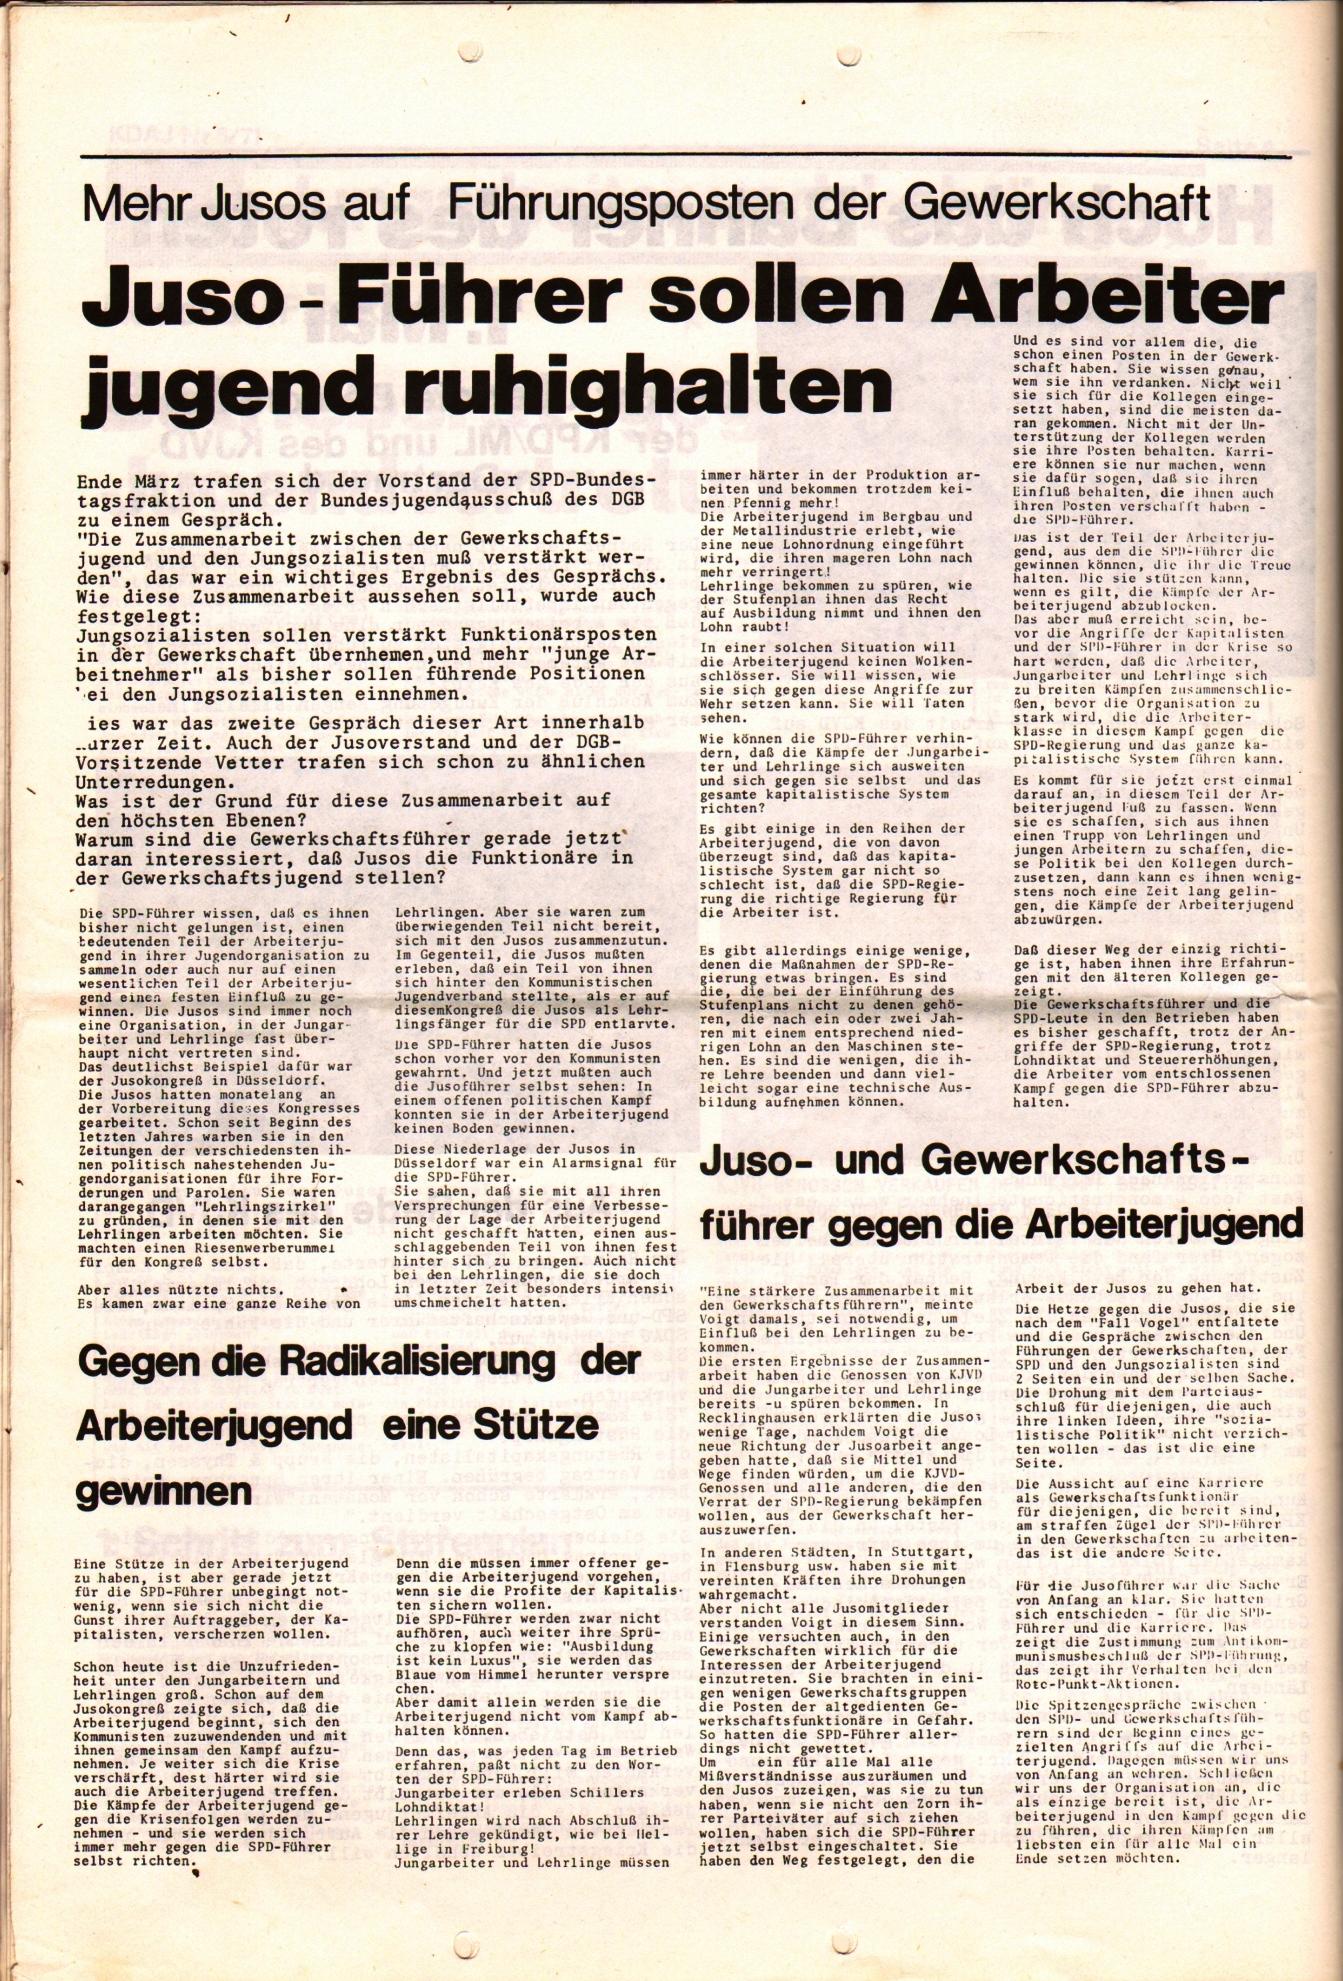 KDAJ, 2. Jg., Mai 1971, Nr. 5, Beilage, Seite 2